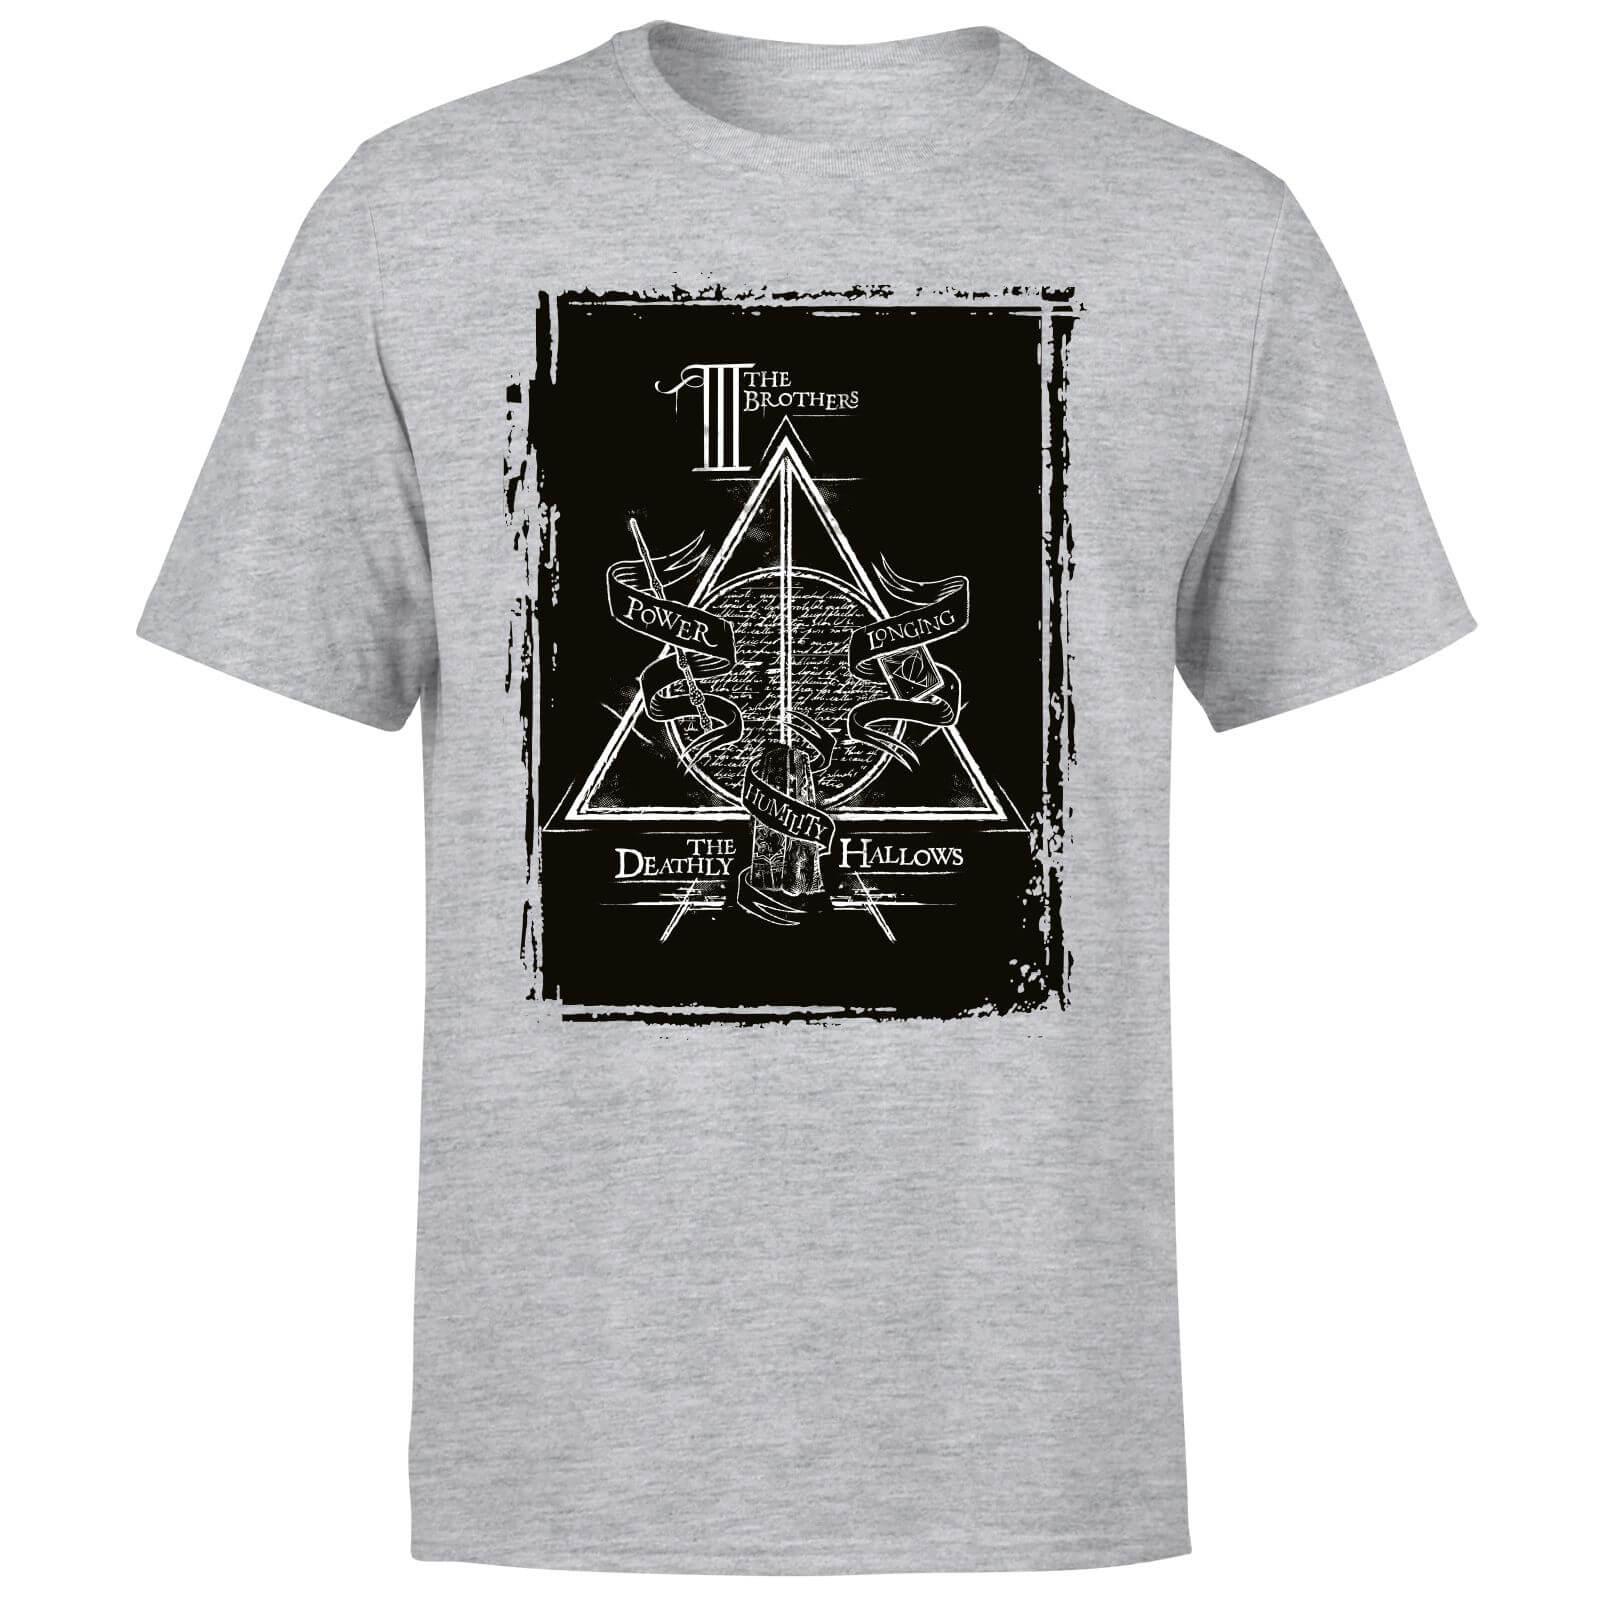 T-Shirts aus dem Harry Potter-Universum für 10,99€ (Damen, Herren, Kinder, S bis XXL)